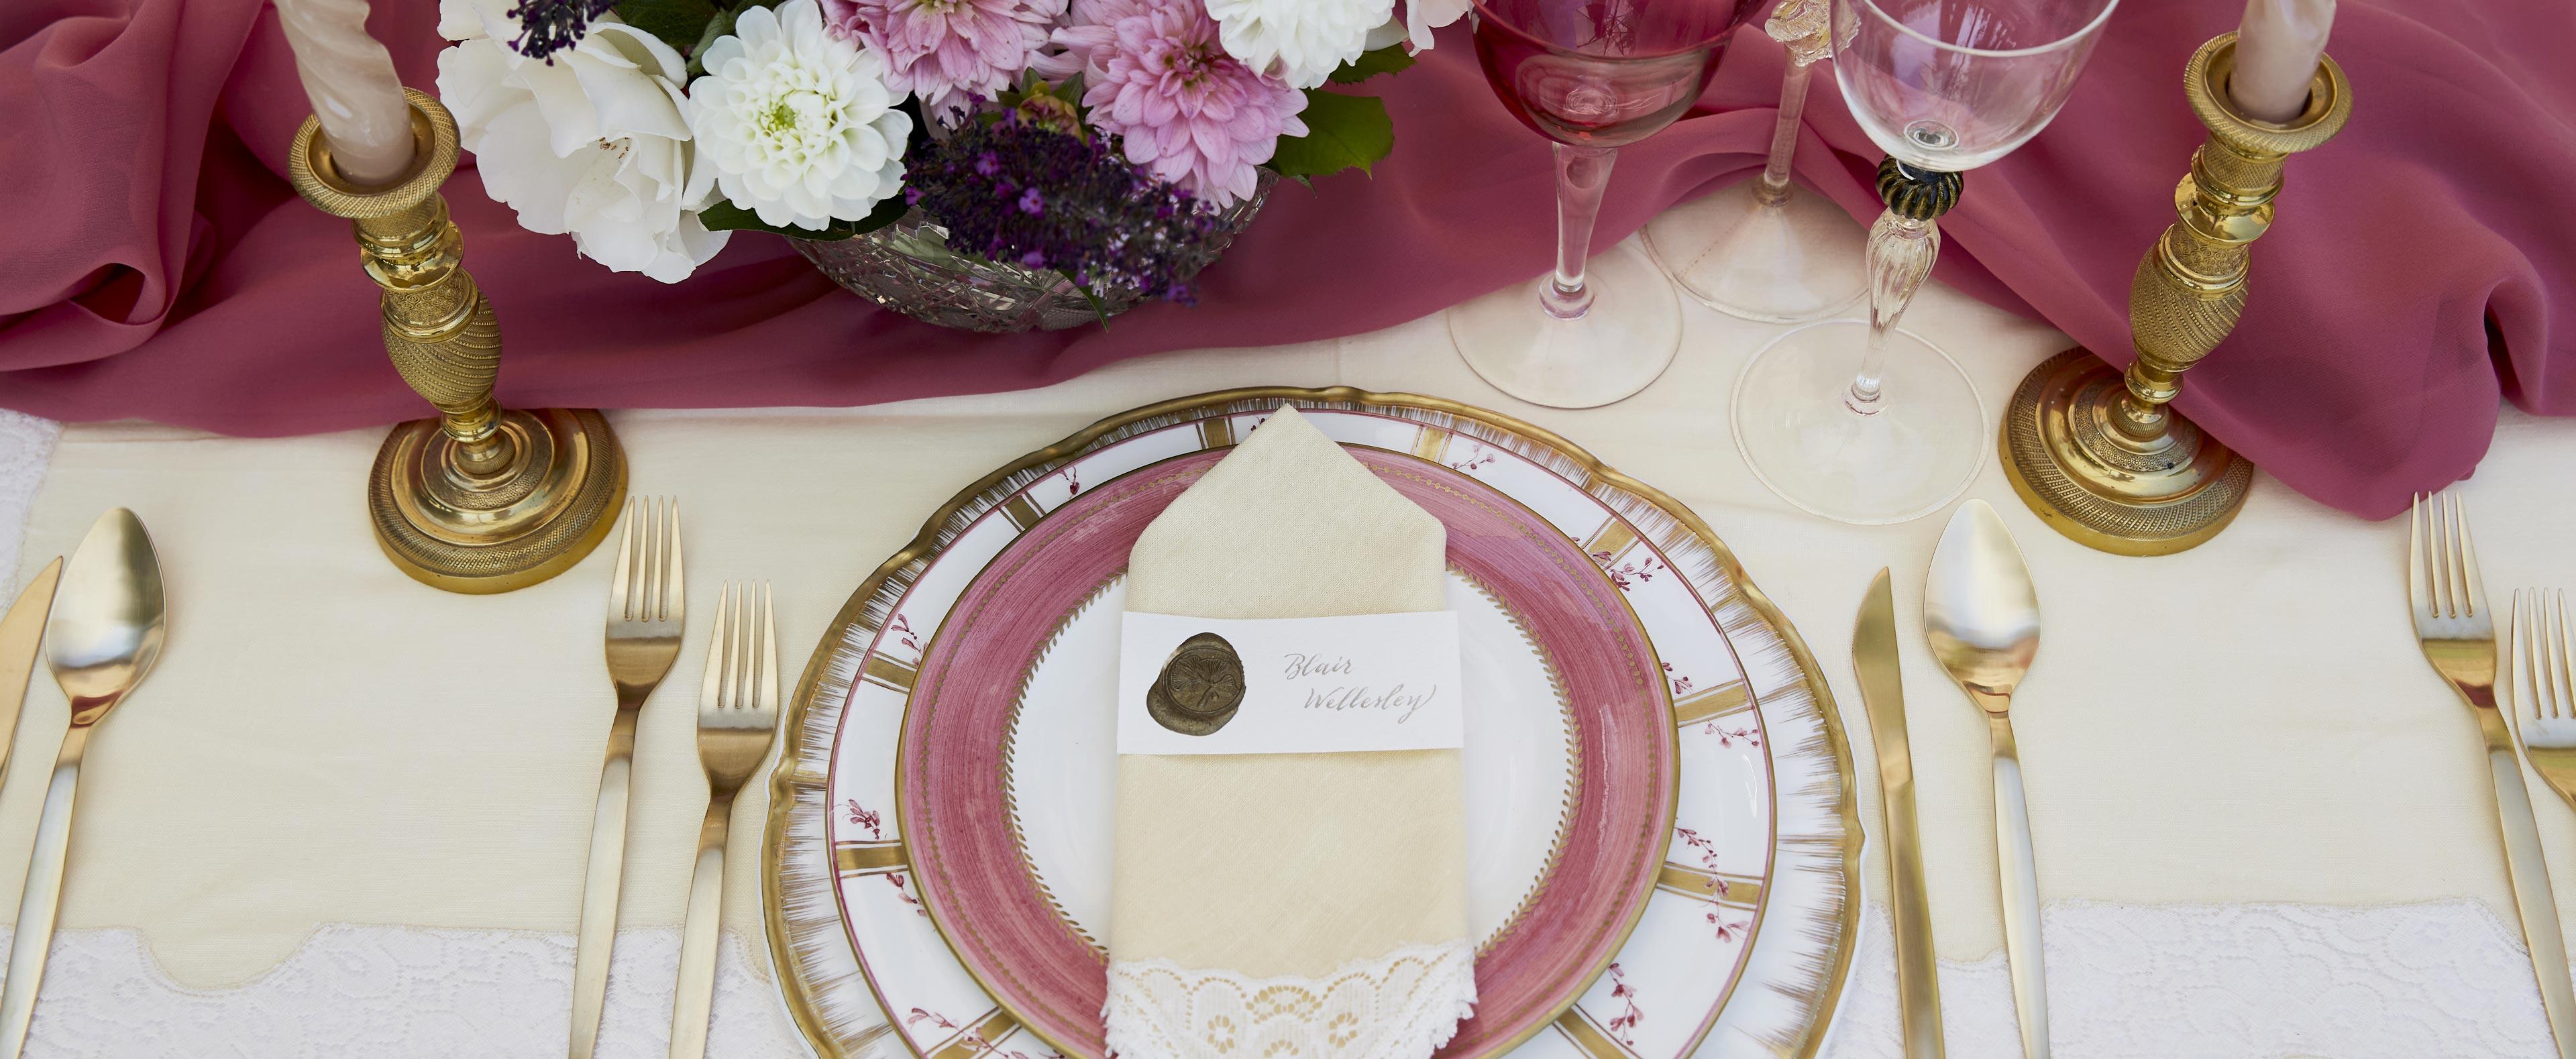 The Wedding Club - Luxury